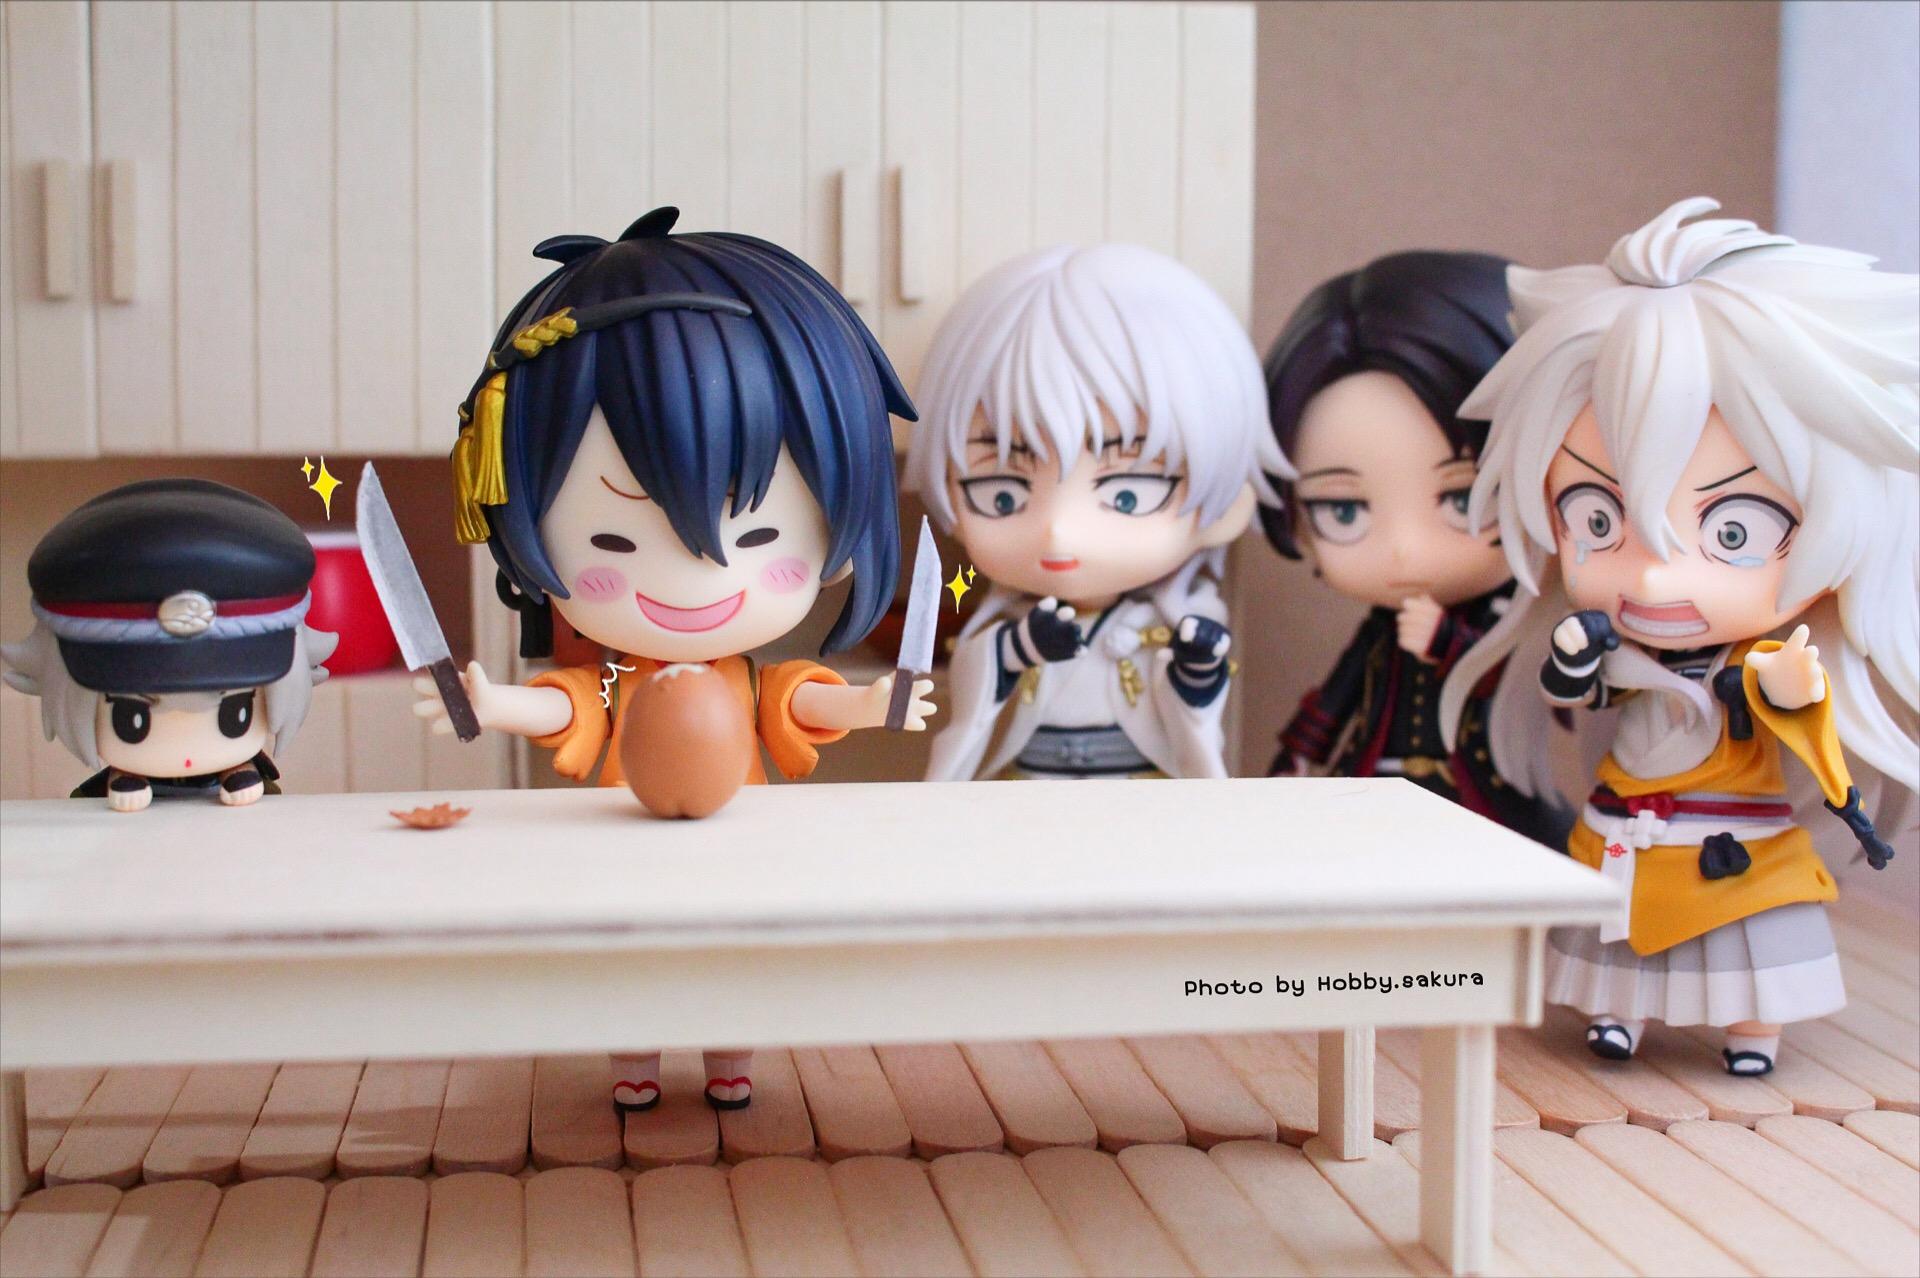 nendoroid good_smile_company nitroplus nendoron itou_reiichi furyu hanasaku_iroha matsumae_ohana sasaki_kai dmm.com kashuu_kiyomitsu mikazuki_munechika kogitsunemaru tsurumaru_kuninaga hotarumaru konnosuke touken_ranbu_-_online katanashi takahiko orange_rouge touken_ranbu_-online-_chokotto_hook_figure_petit_3